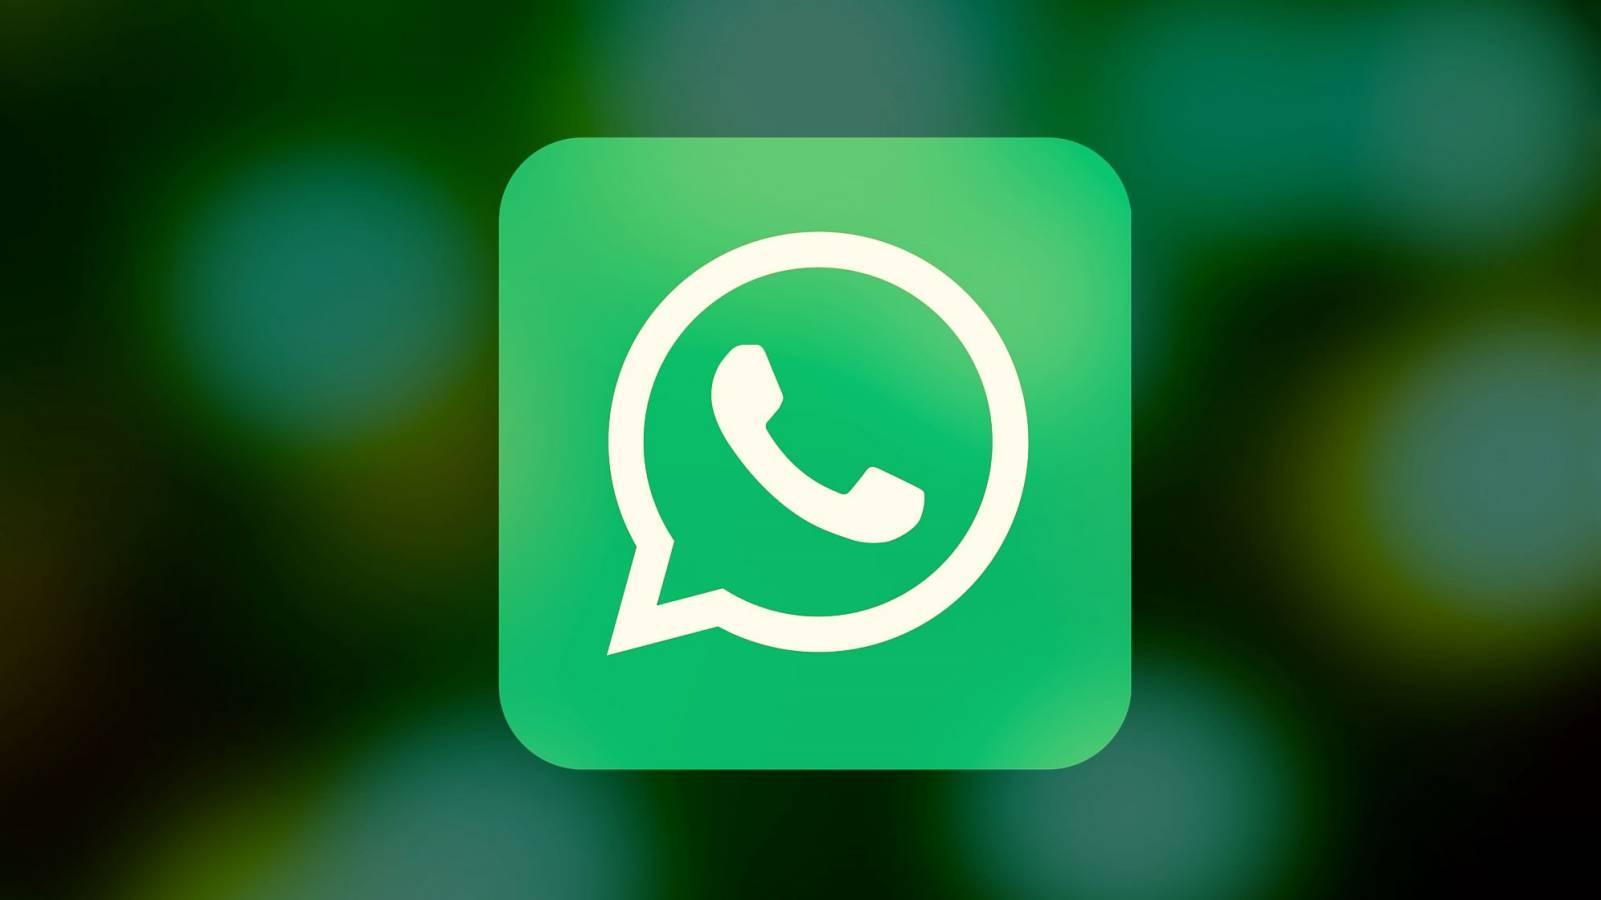 WhatsApp poze necomprimate